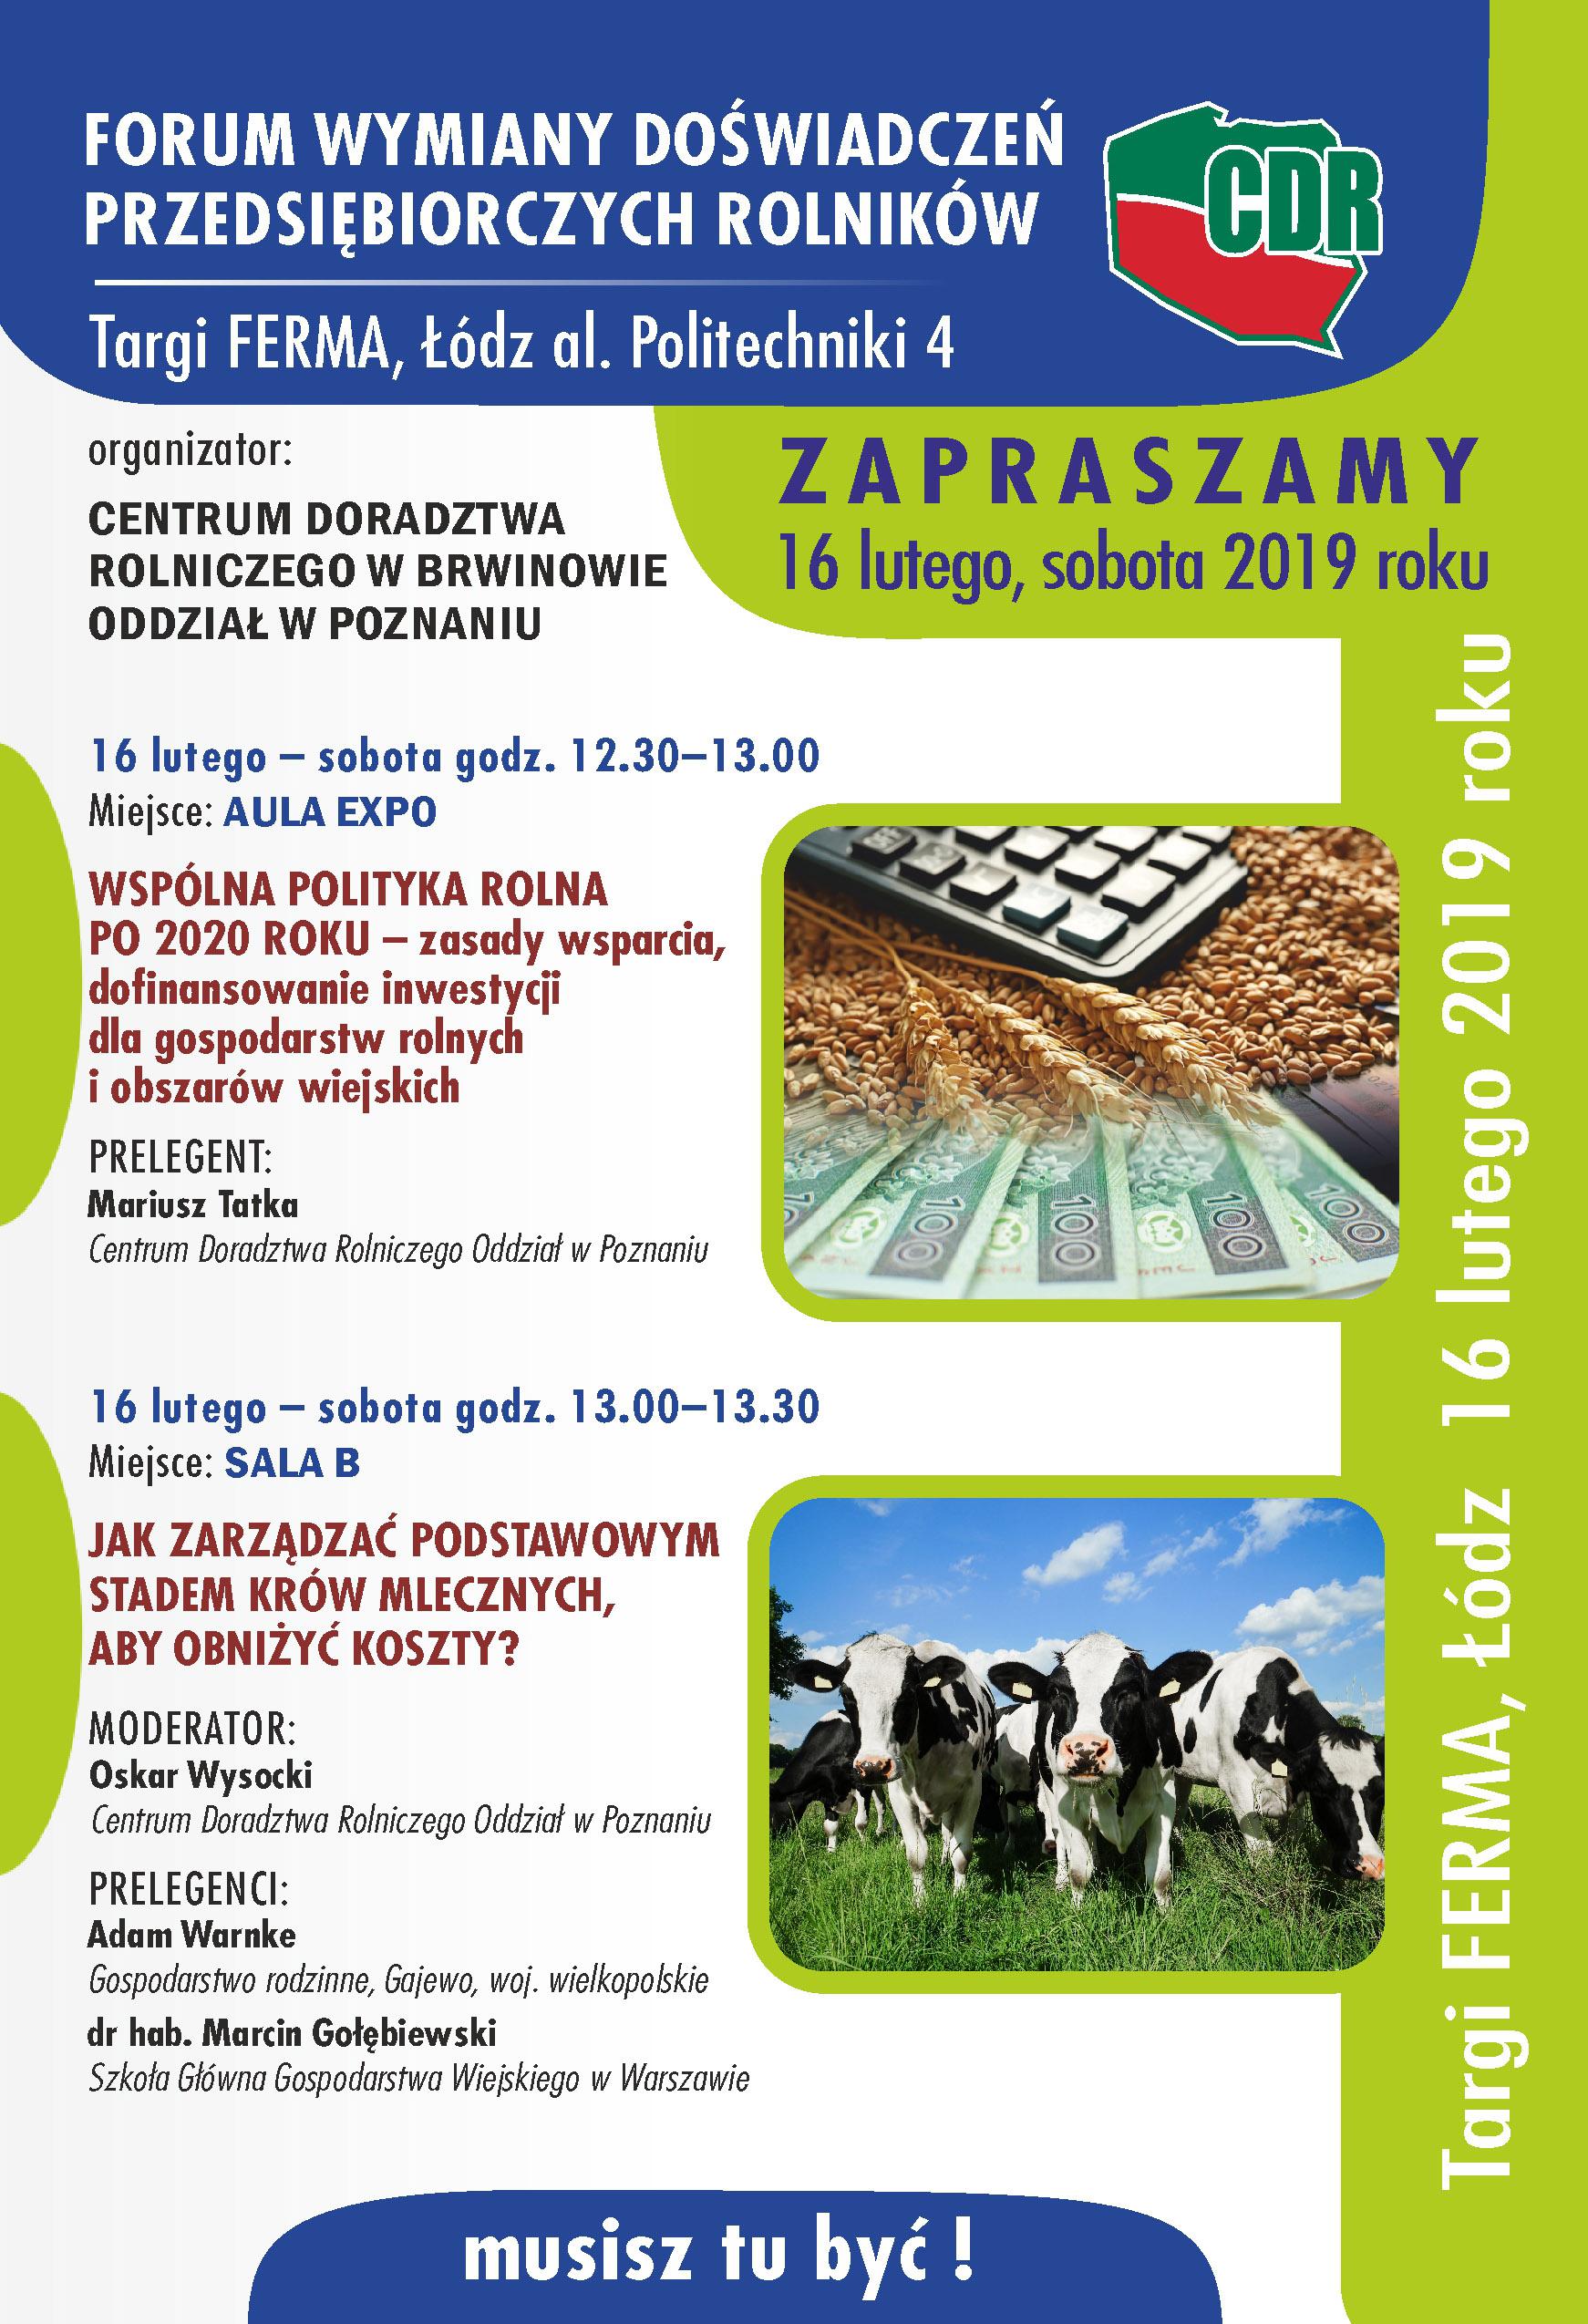 Forum Wymiany Doświadczeń Przedsiębiorczych Rolników